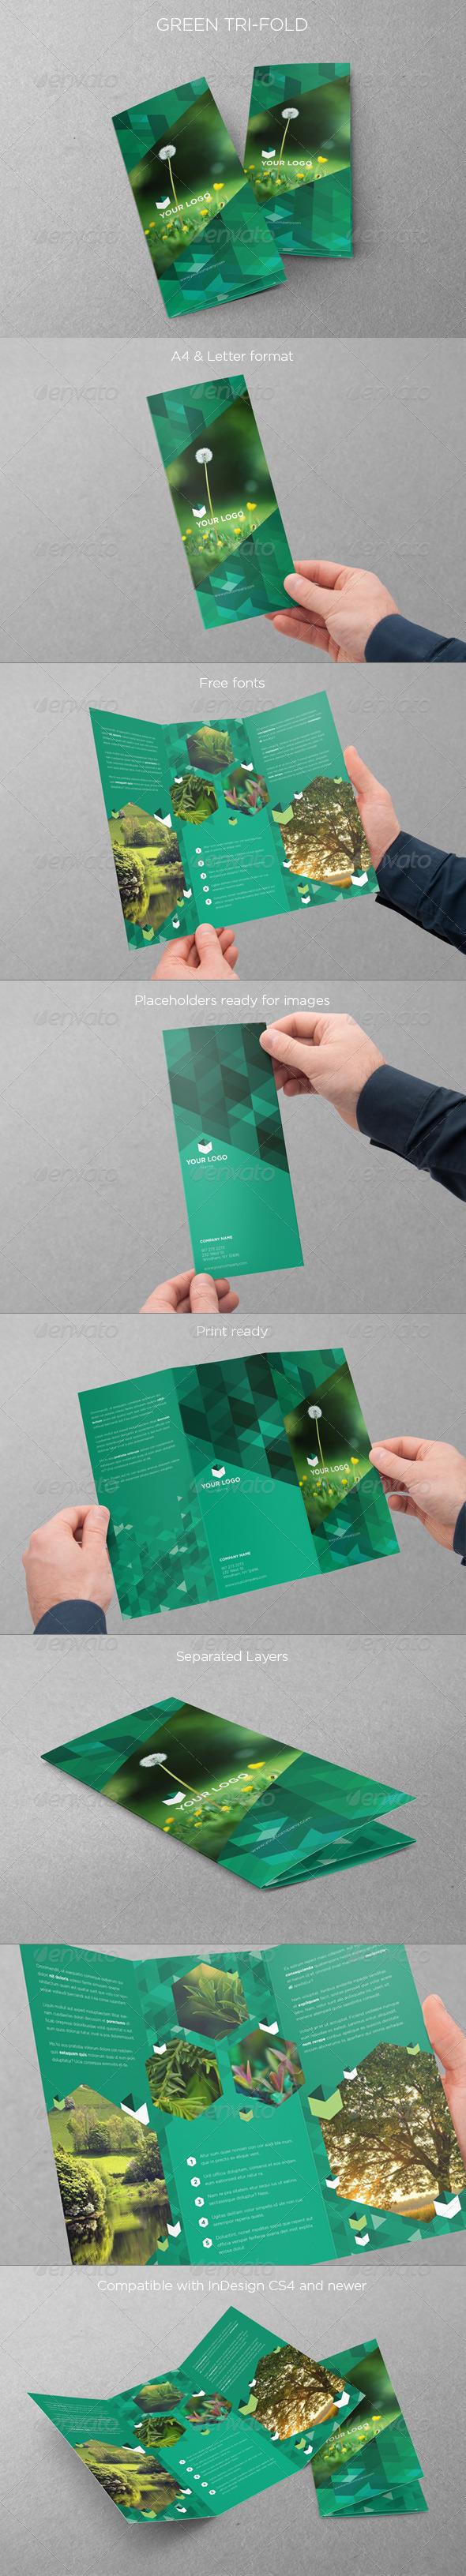 GraphicRiver Eco Green Trifold 5101698